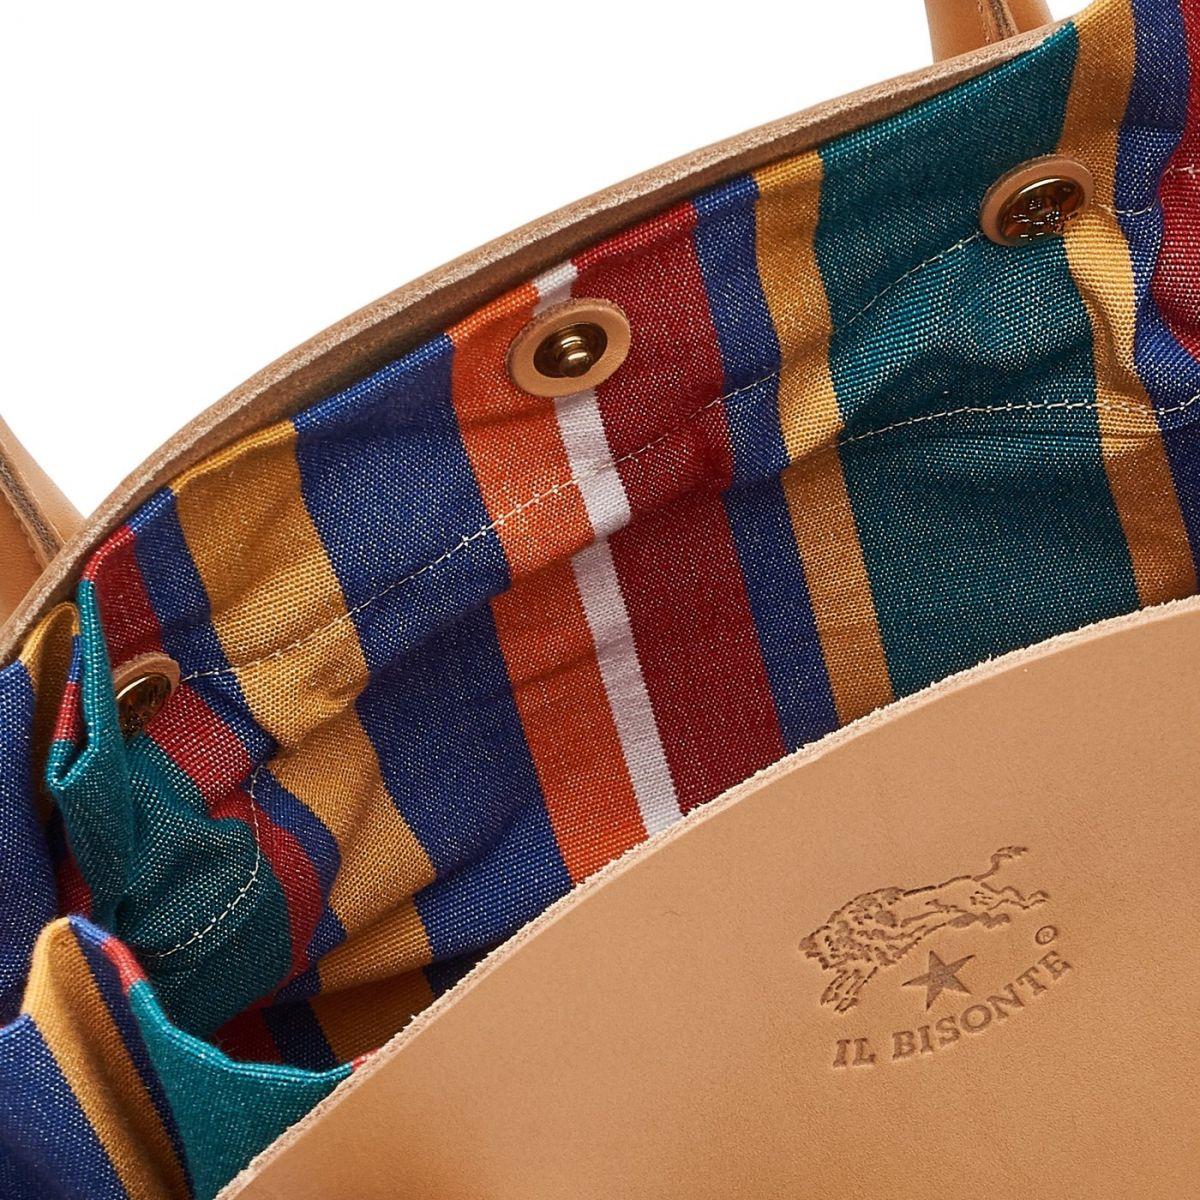 Borsa A Mano da Donna  in Pelle Di Vacchetta BTH108 colore Naturale/Multicolor | Details